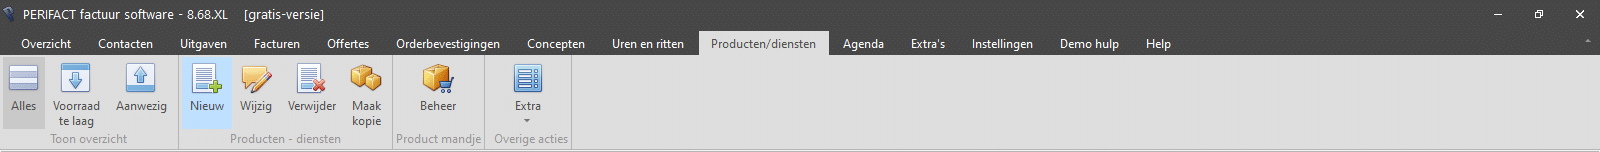 PERIFACT menu producten en diensten met voorraad overzicht